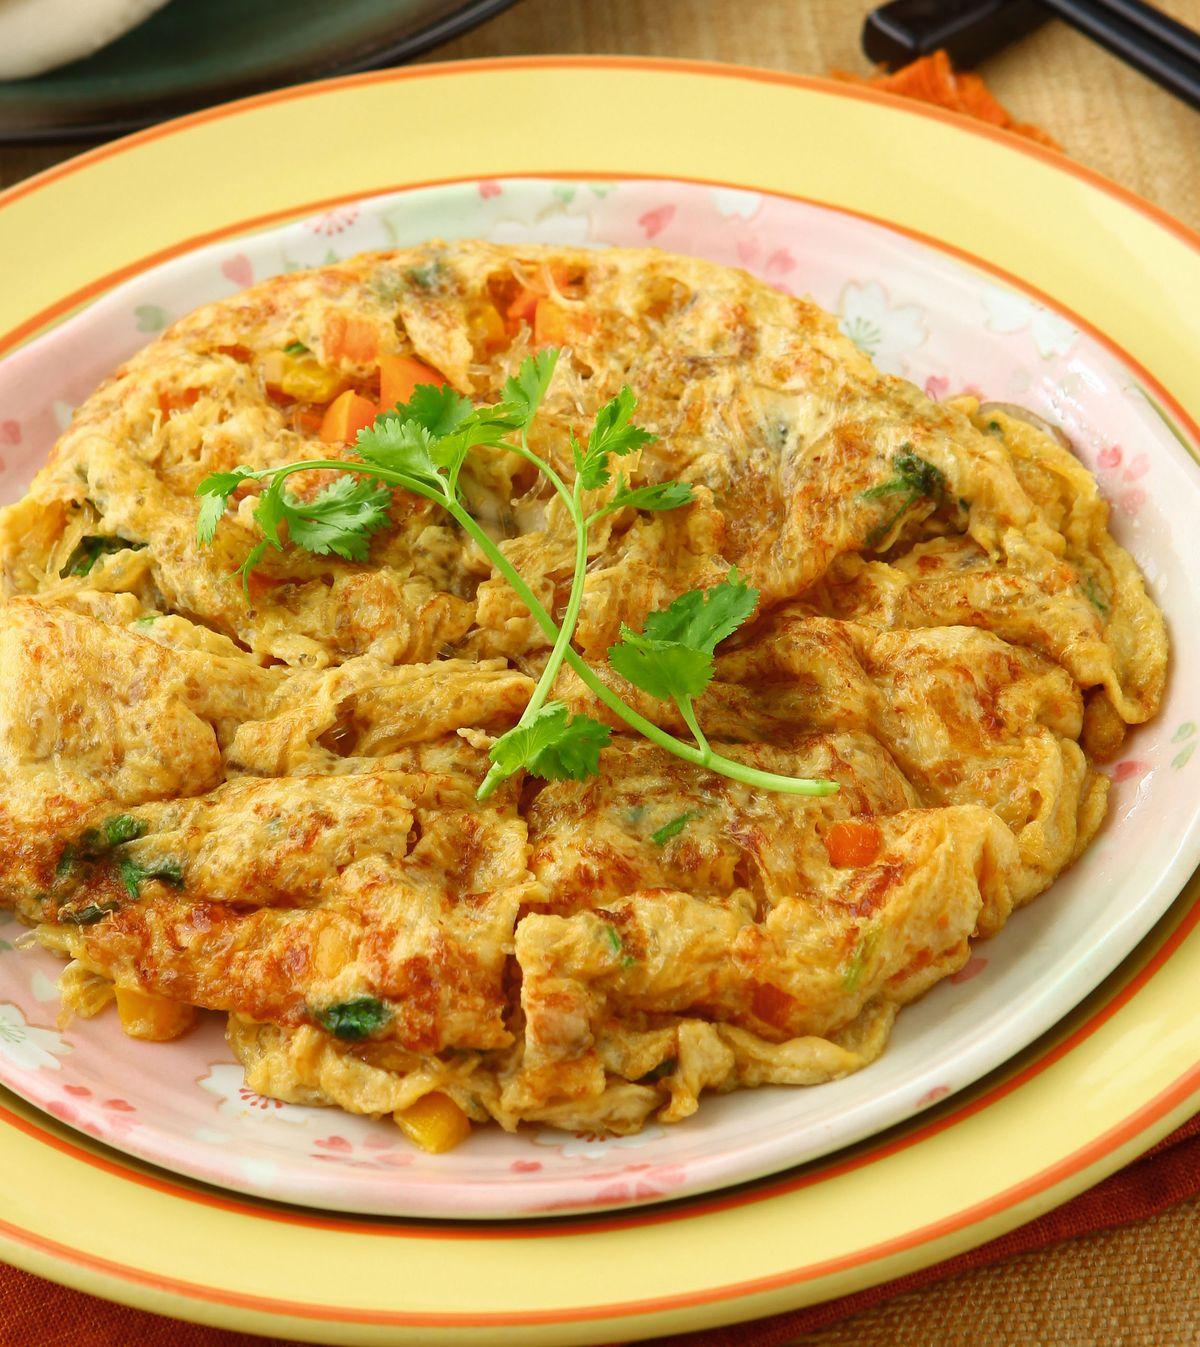 食譜:鮮蔬蛋炒春雨